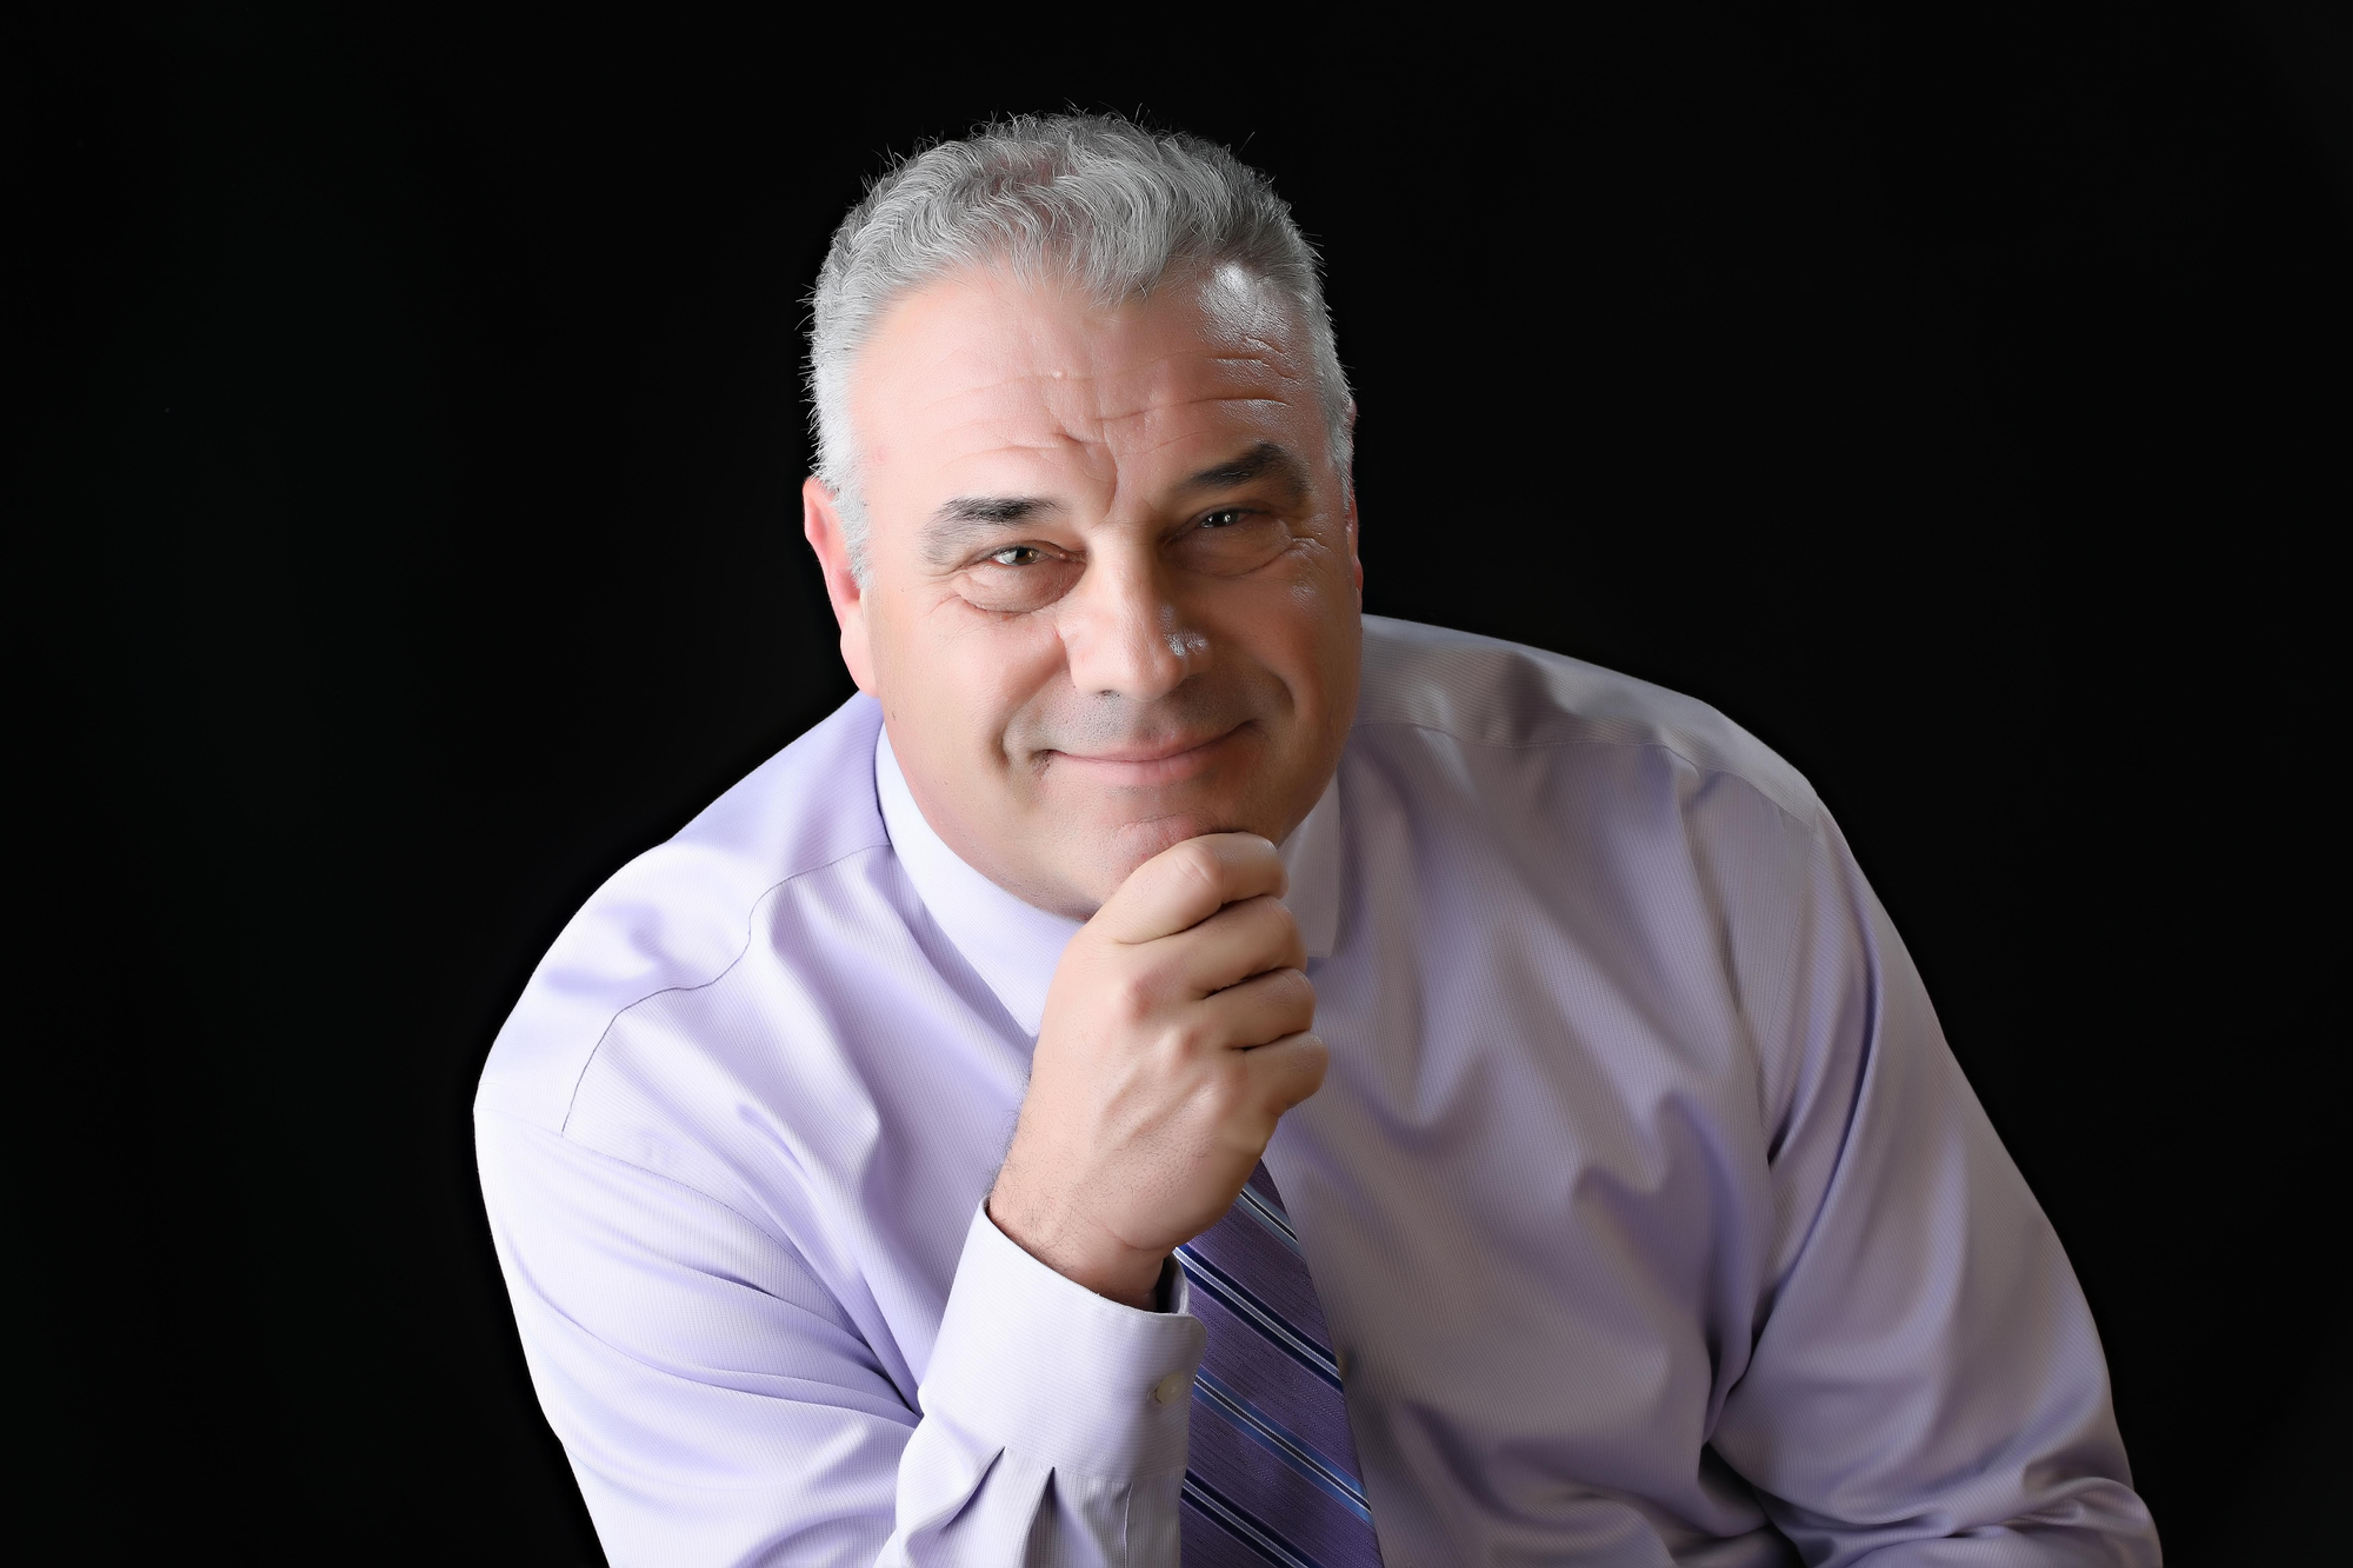 Living Trust/Estate Planning Consult